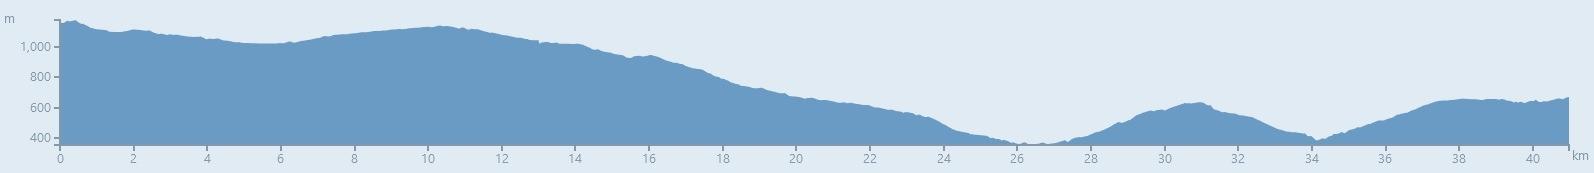 Assise - Monte Sant'Angelo à vélo - Étape 11 - Profil du dénivelé